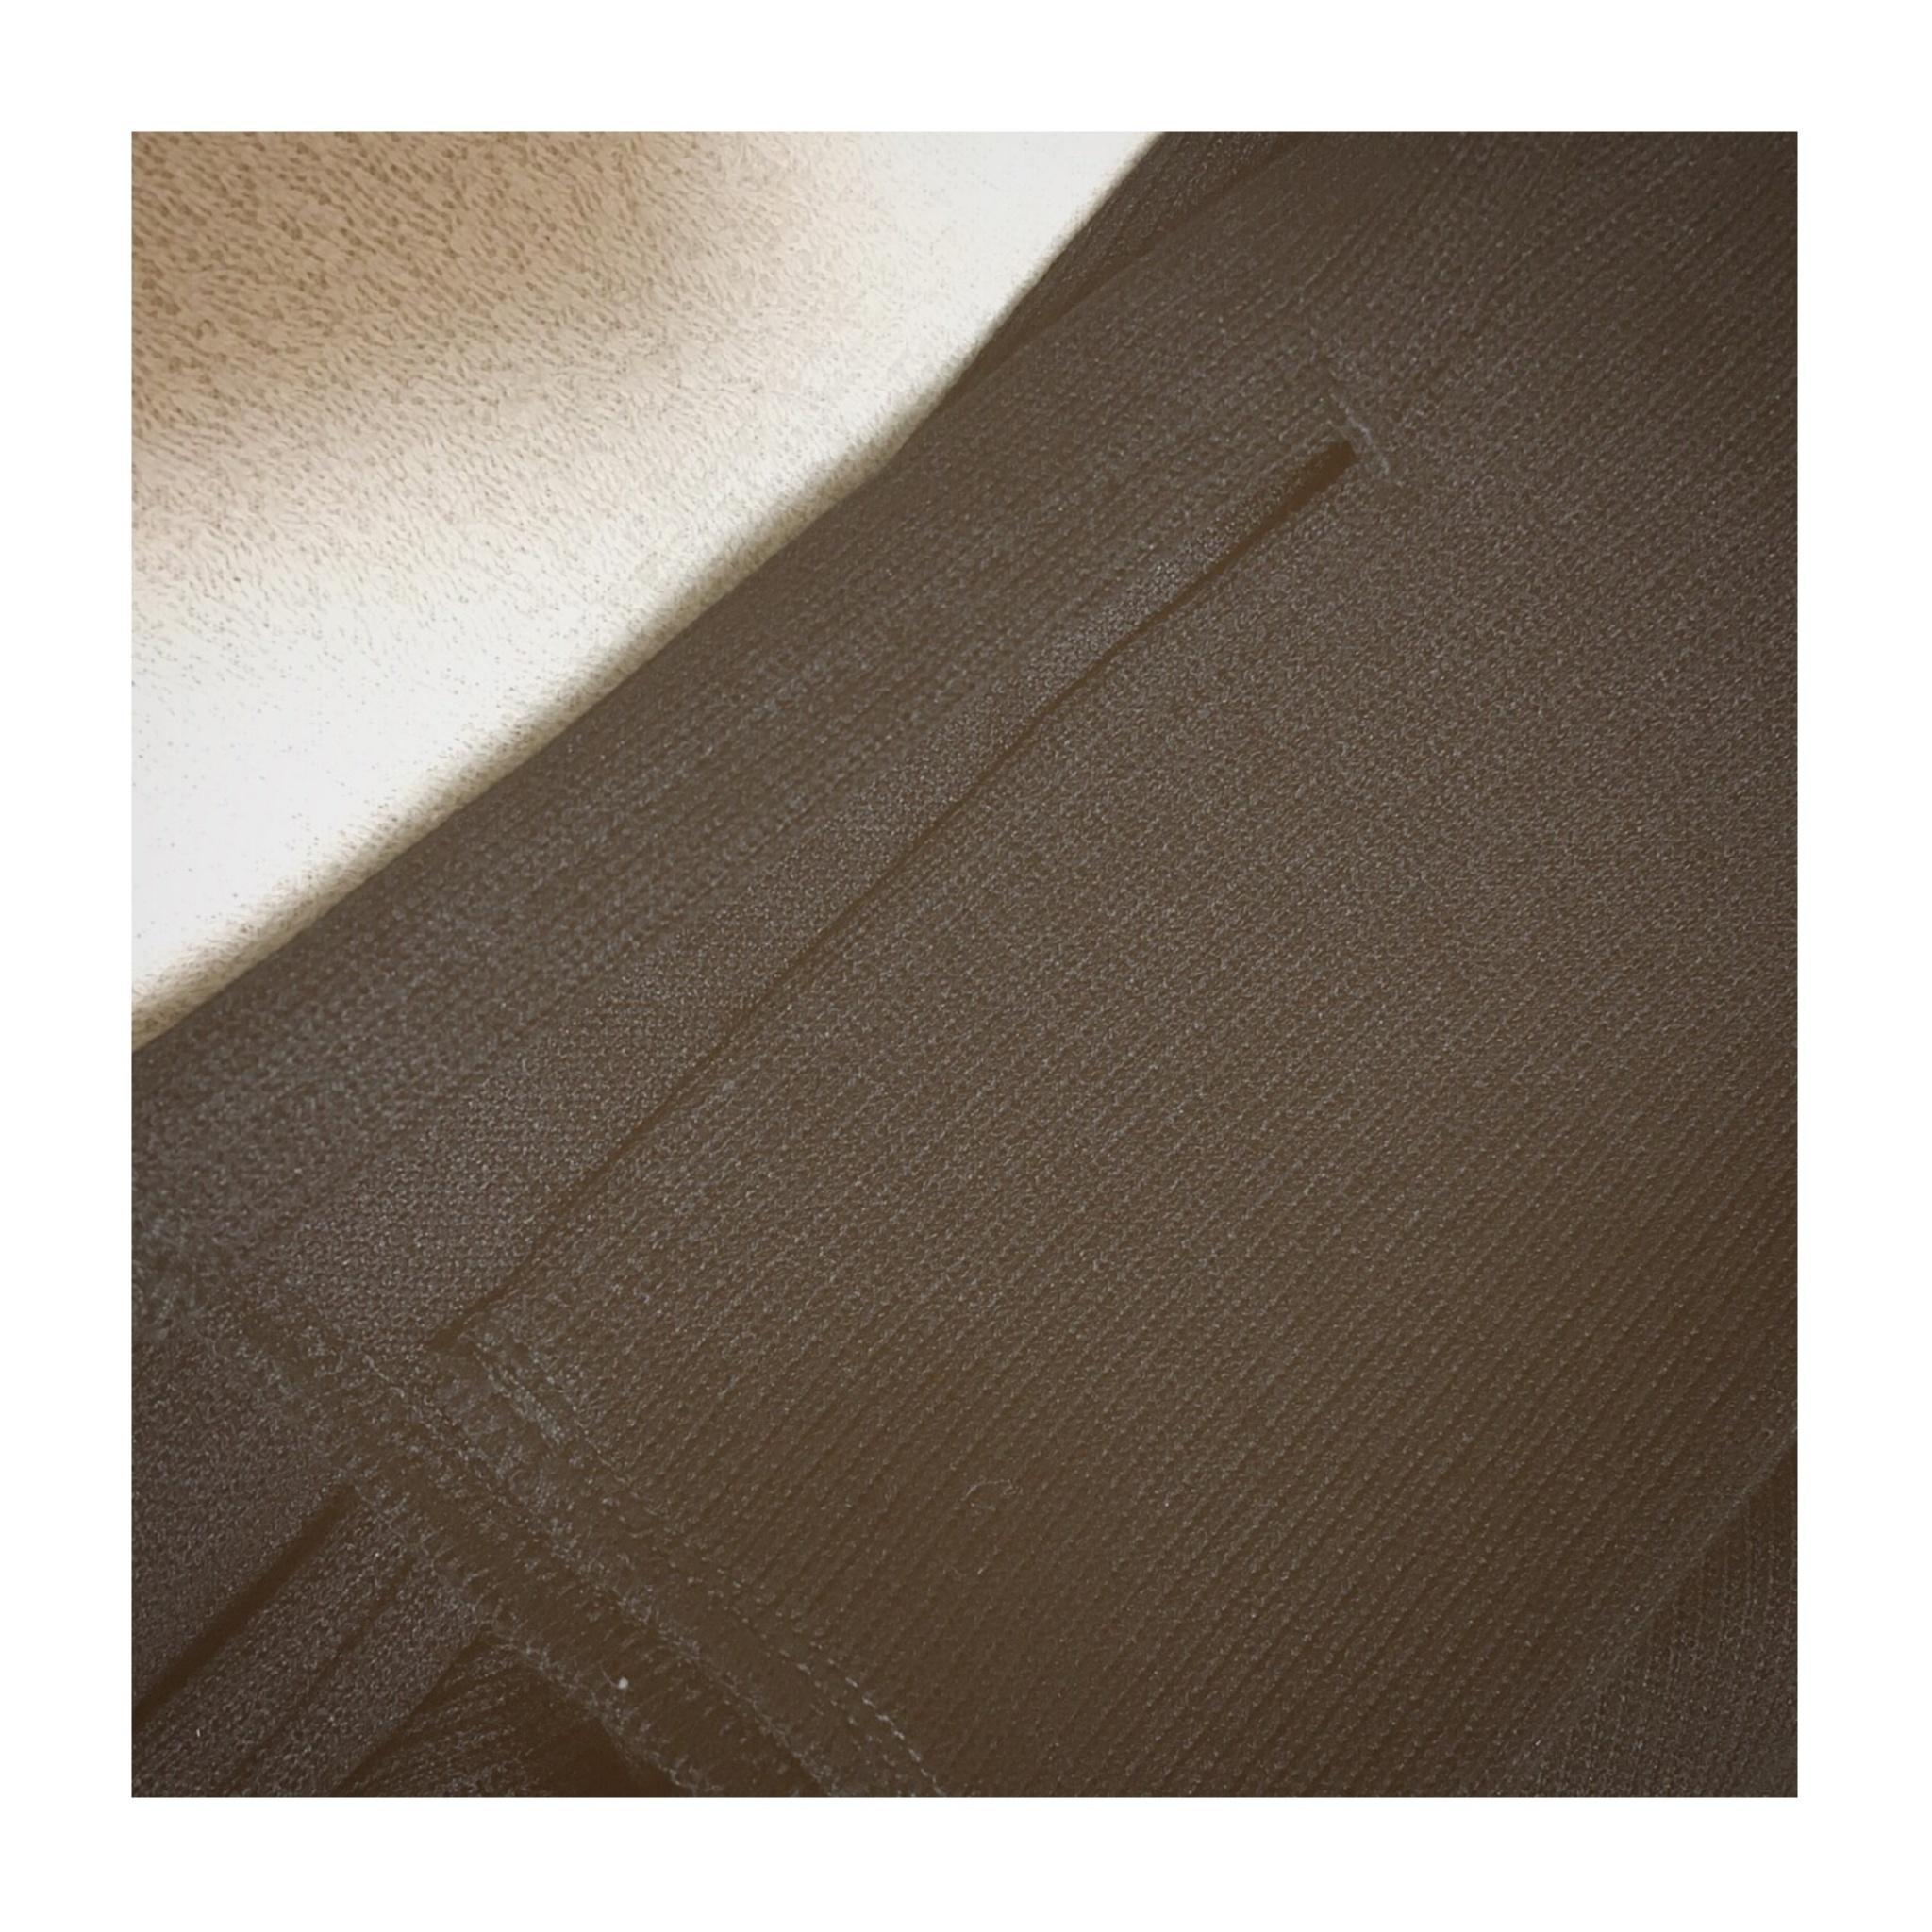 《今秋トレンド》はプチプラで❤️【GU(ジーユー)】のリブスリットレギンスパンツ¥1,490+税が履き心地抜群✌︎❤︎_2